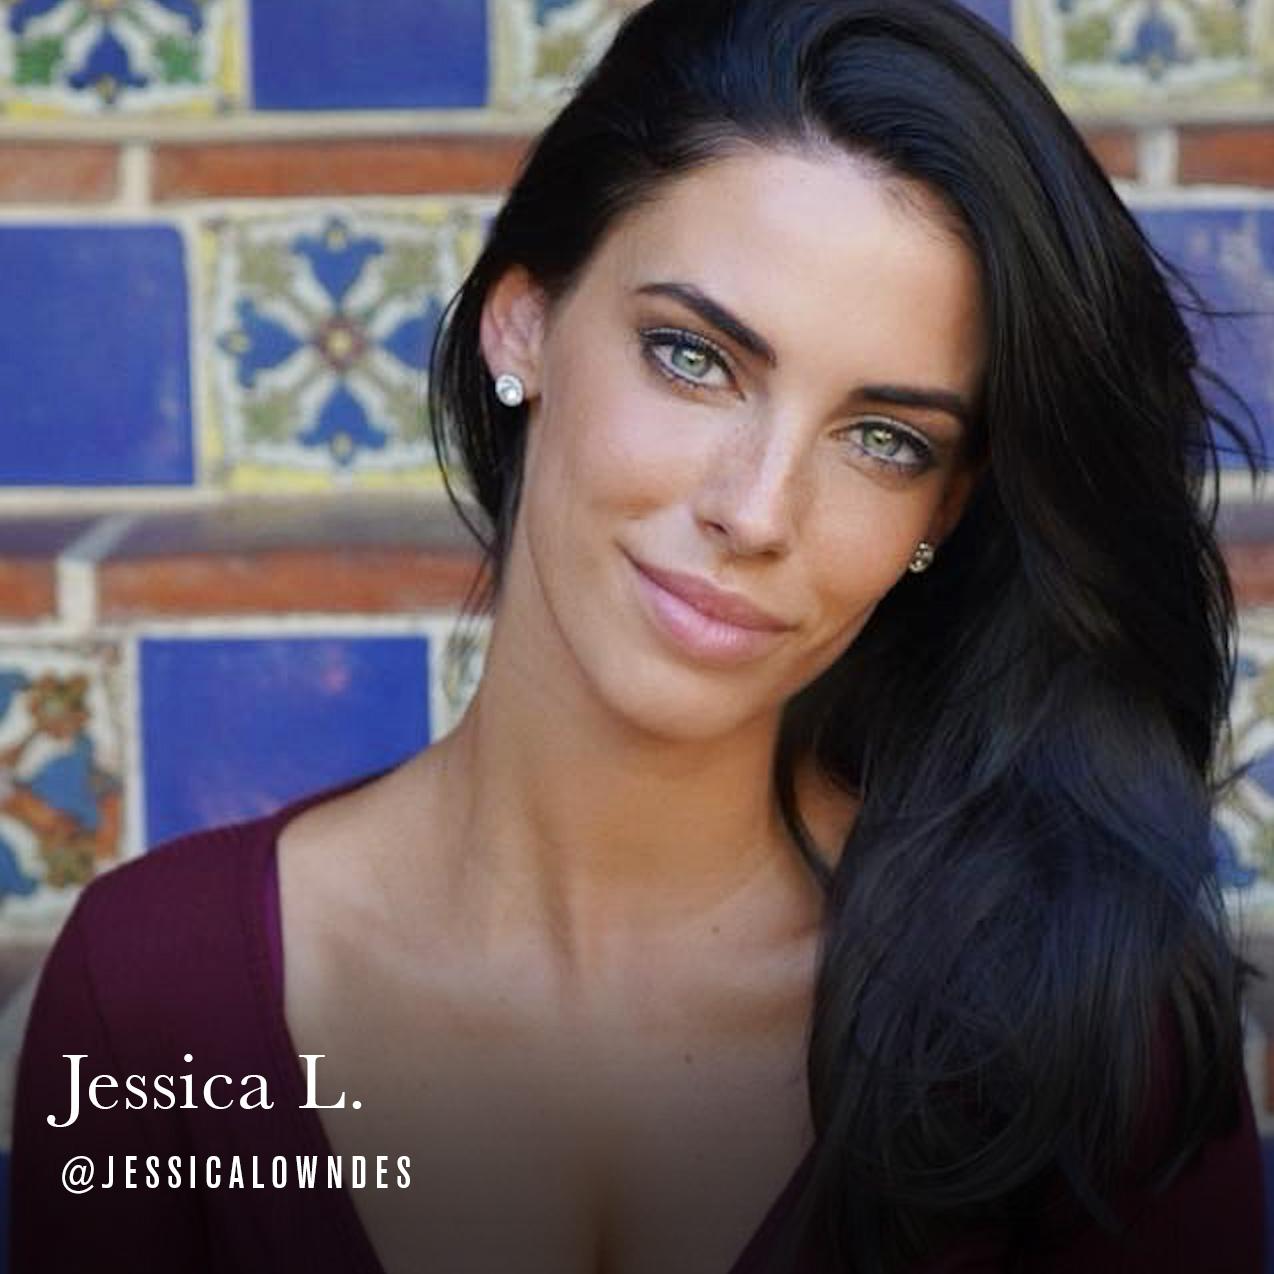 Jessica craigs-secure dating. Alla pojke och tjej-datingspel.